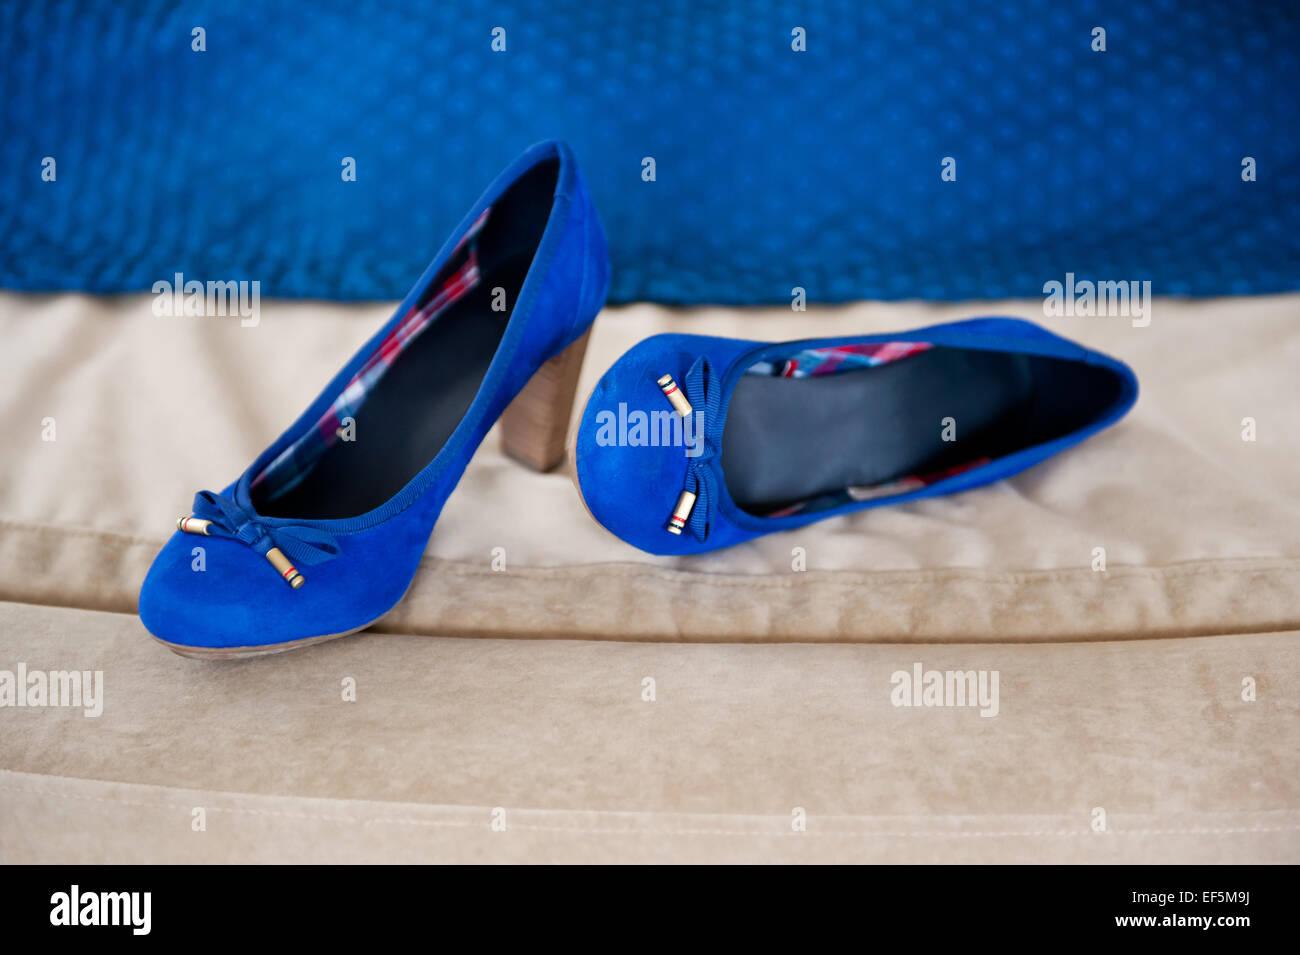 39f32a567d3c12 Weibliche zwei blaue Brautschuhe Stockfoto